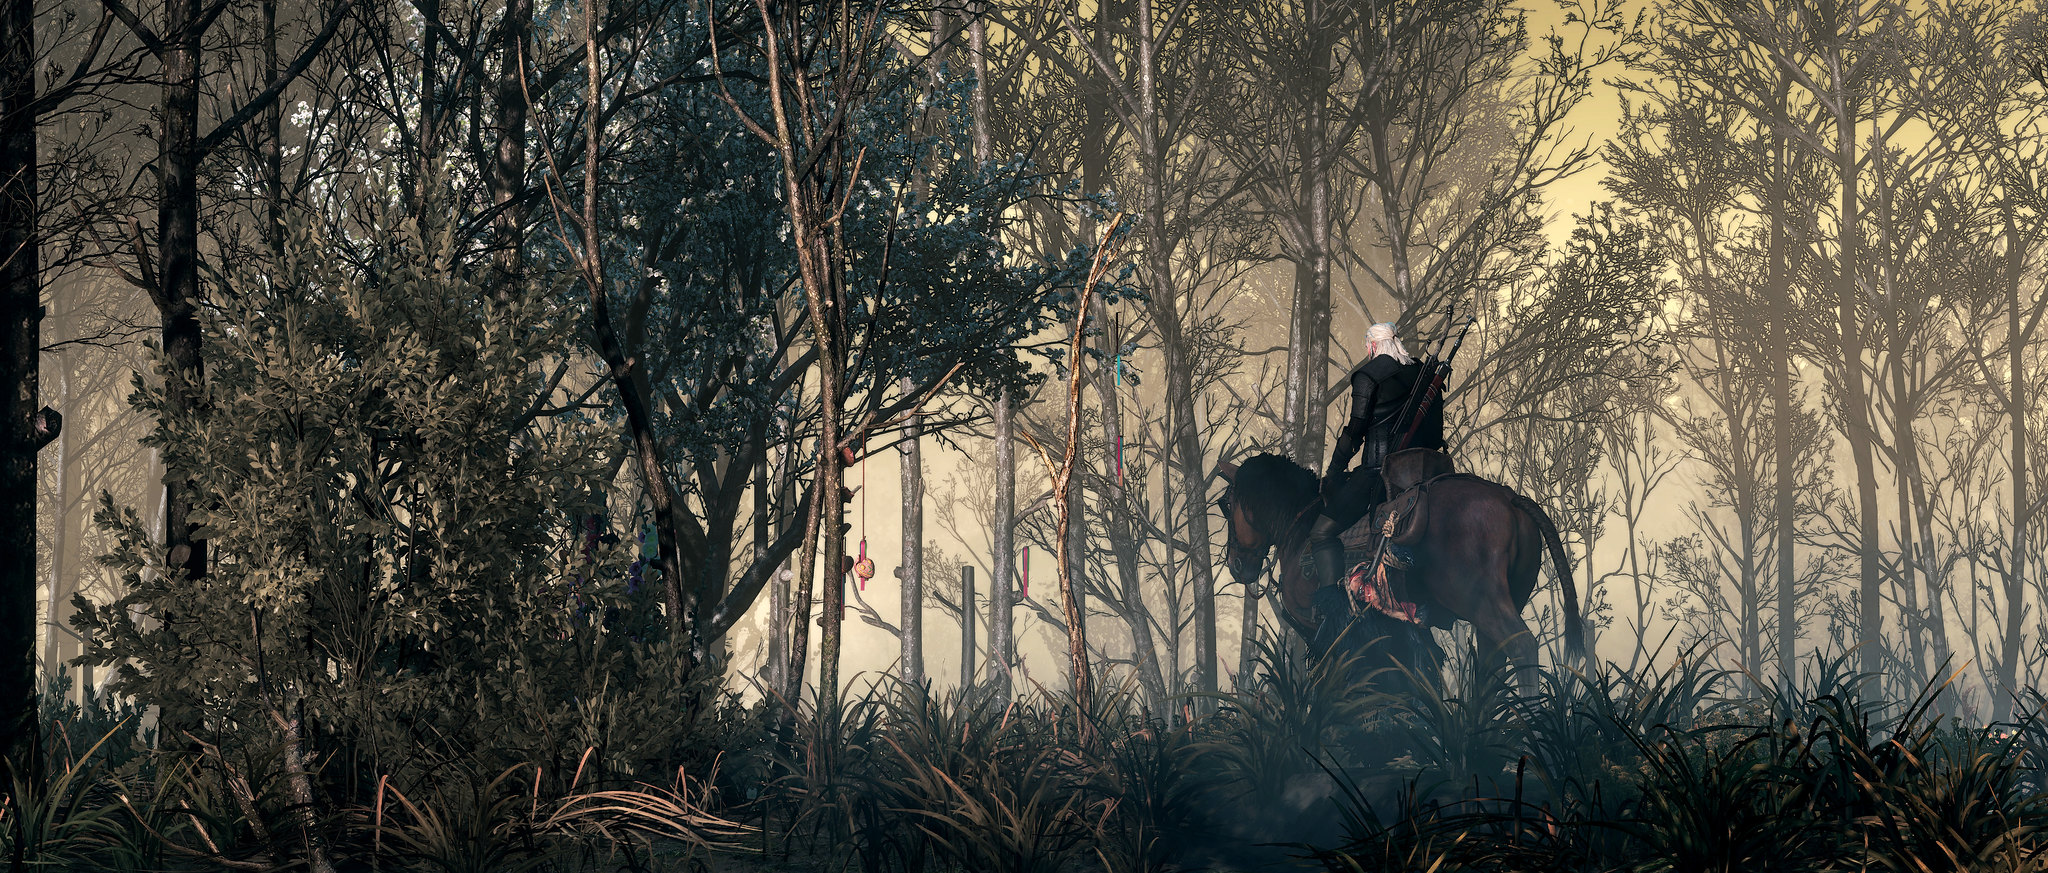 47205203201_a61130d35e_k.jpg - Witcher 3: Wild Hunt, the